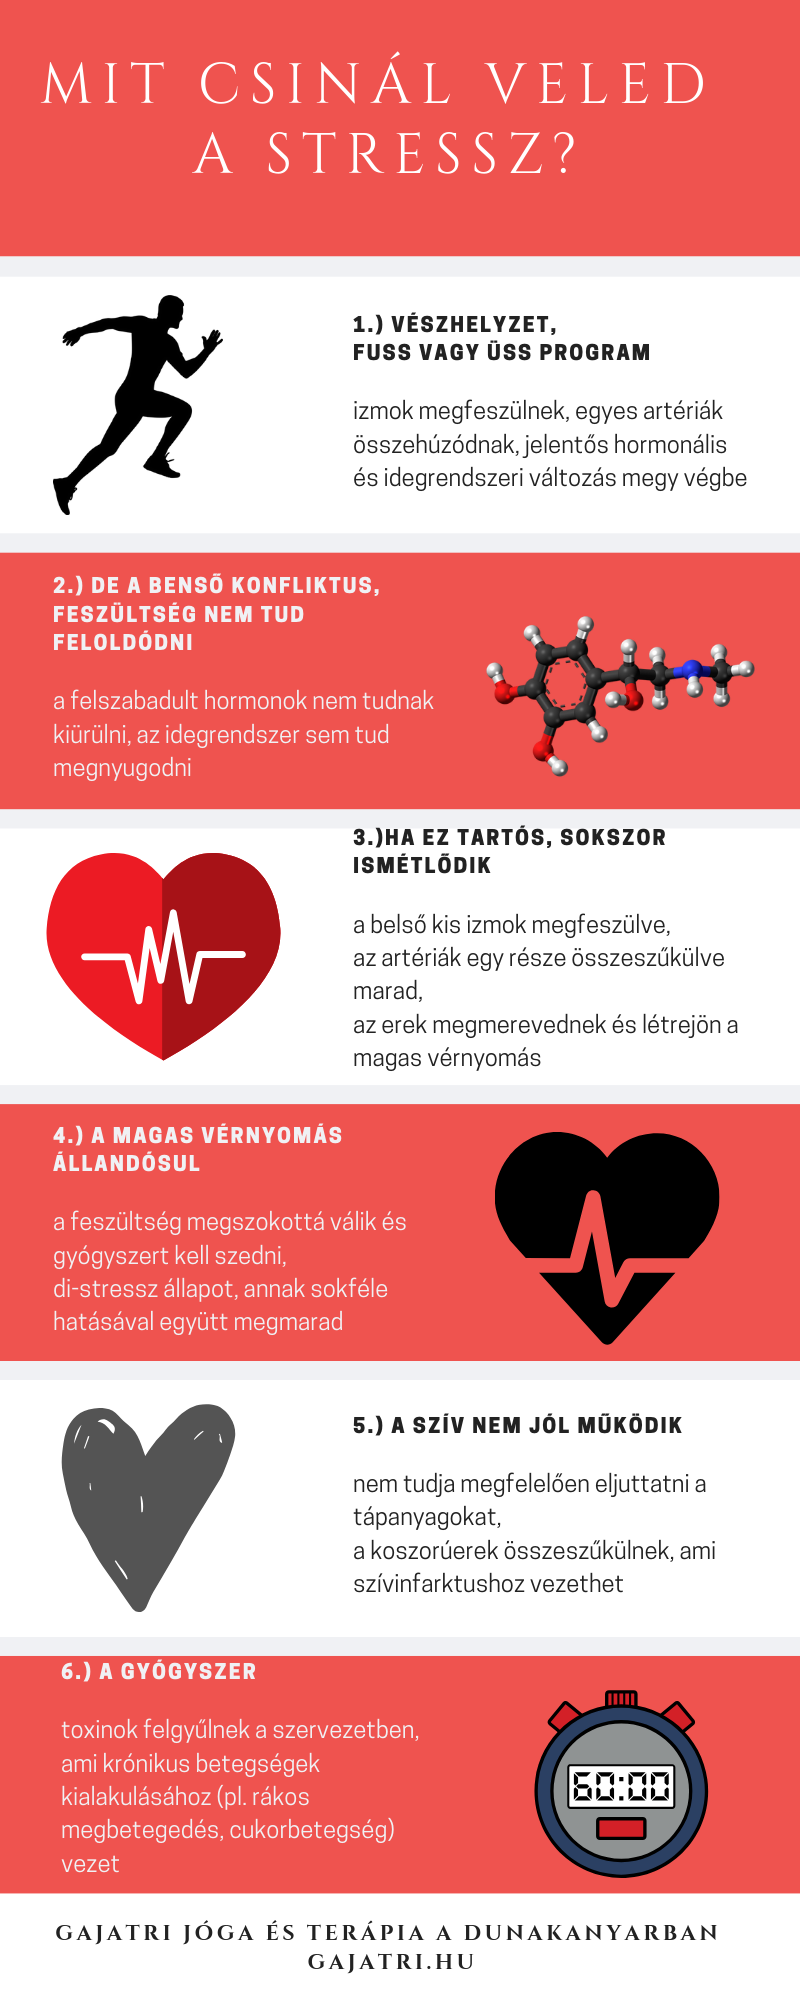 a hipertónia és a dystonia közötti különbség cukorbetegség magas vérnyomás kezelése